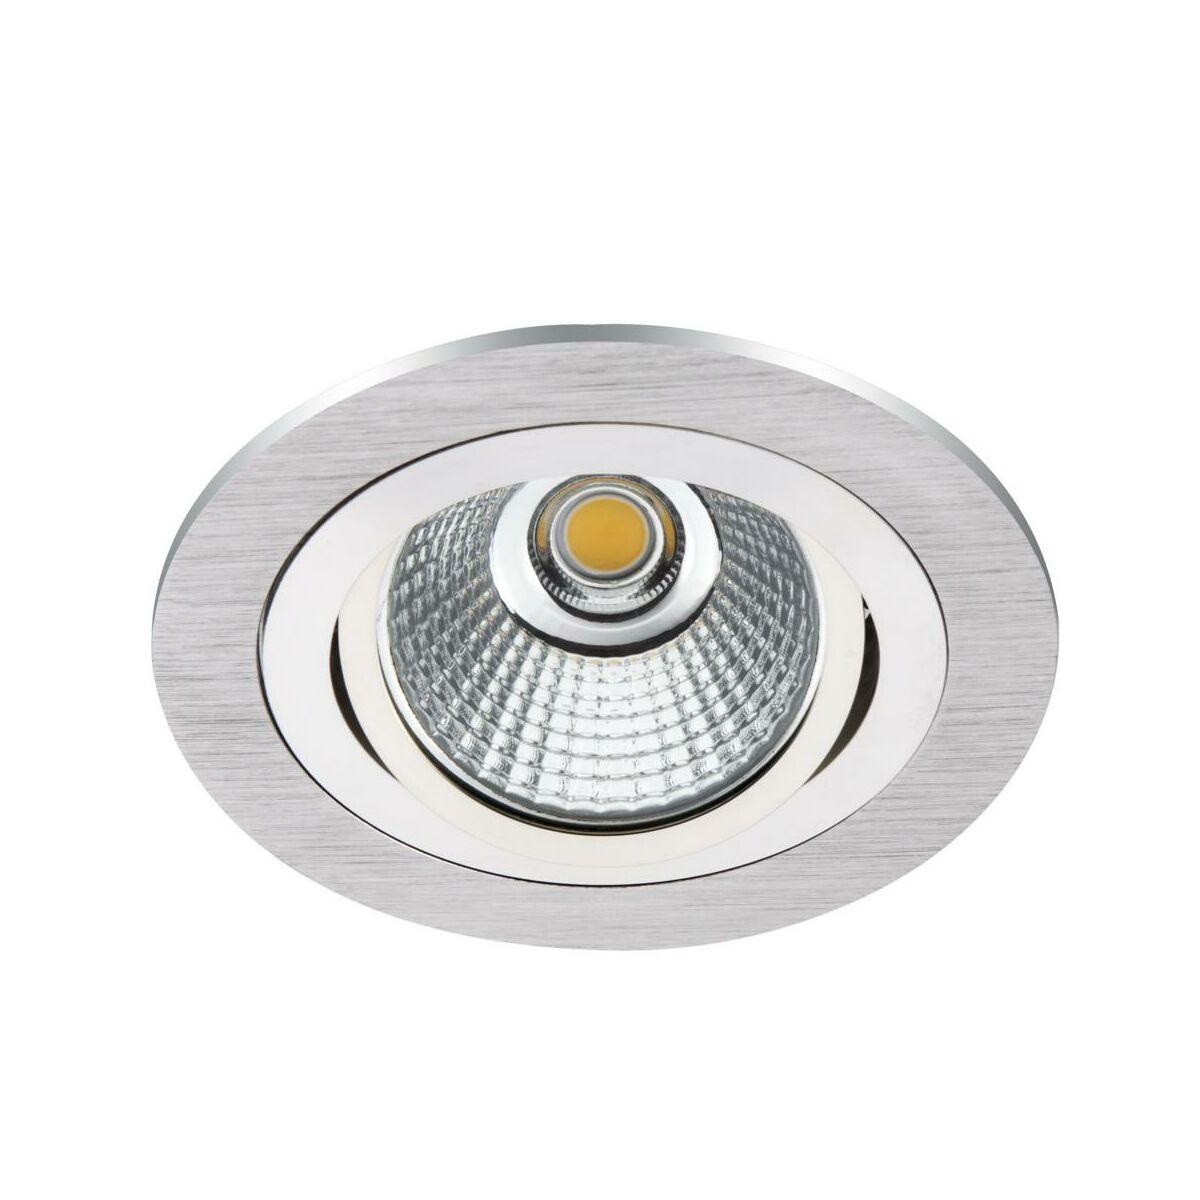 Downlight sonne ideal oprawy stropowe oczka w for Downlight leroy merlin